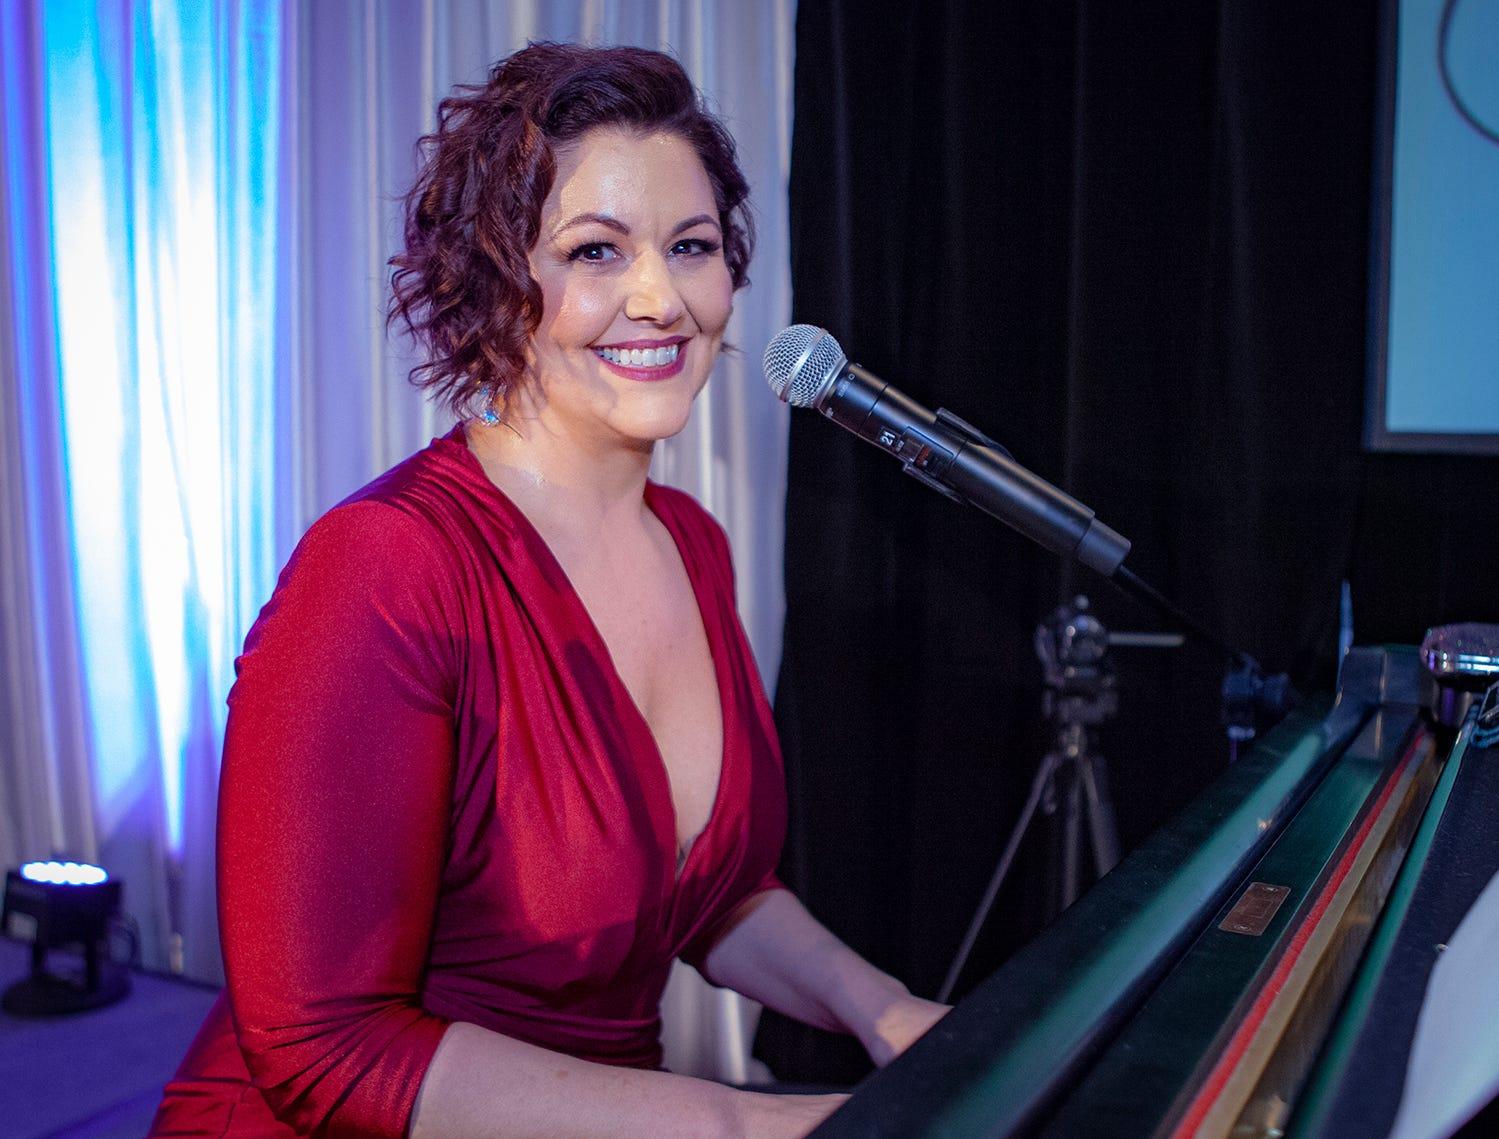 Kelly Culbreth at the 2019 Saint Thomas Rutherford Foundation Gala on Saturday, Jan. 19, 2019 at Embassy Suites Murfreesboro.